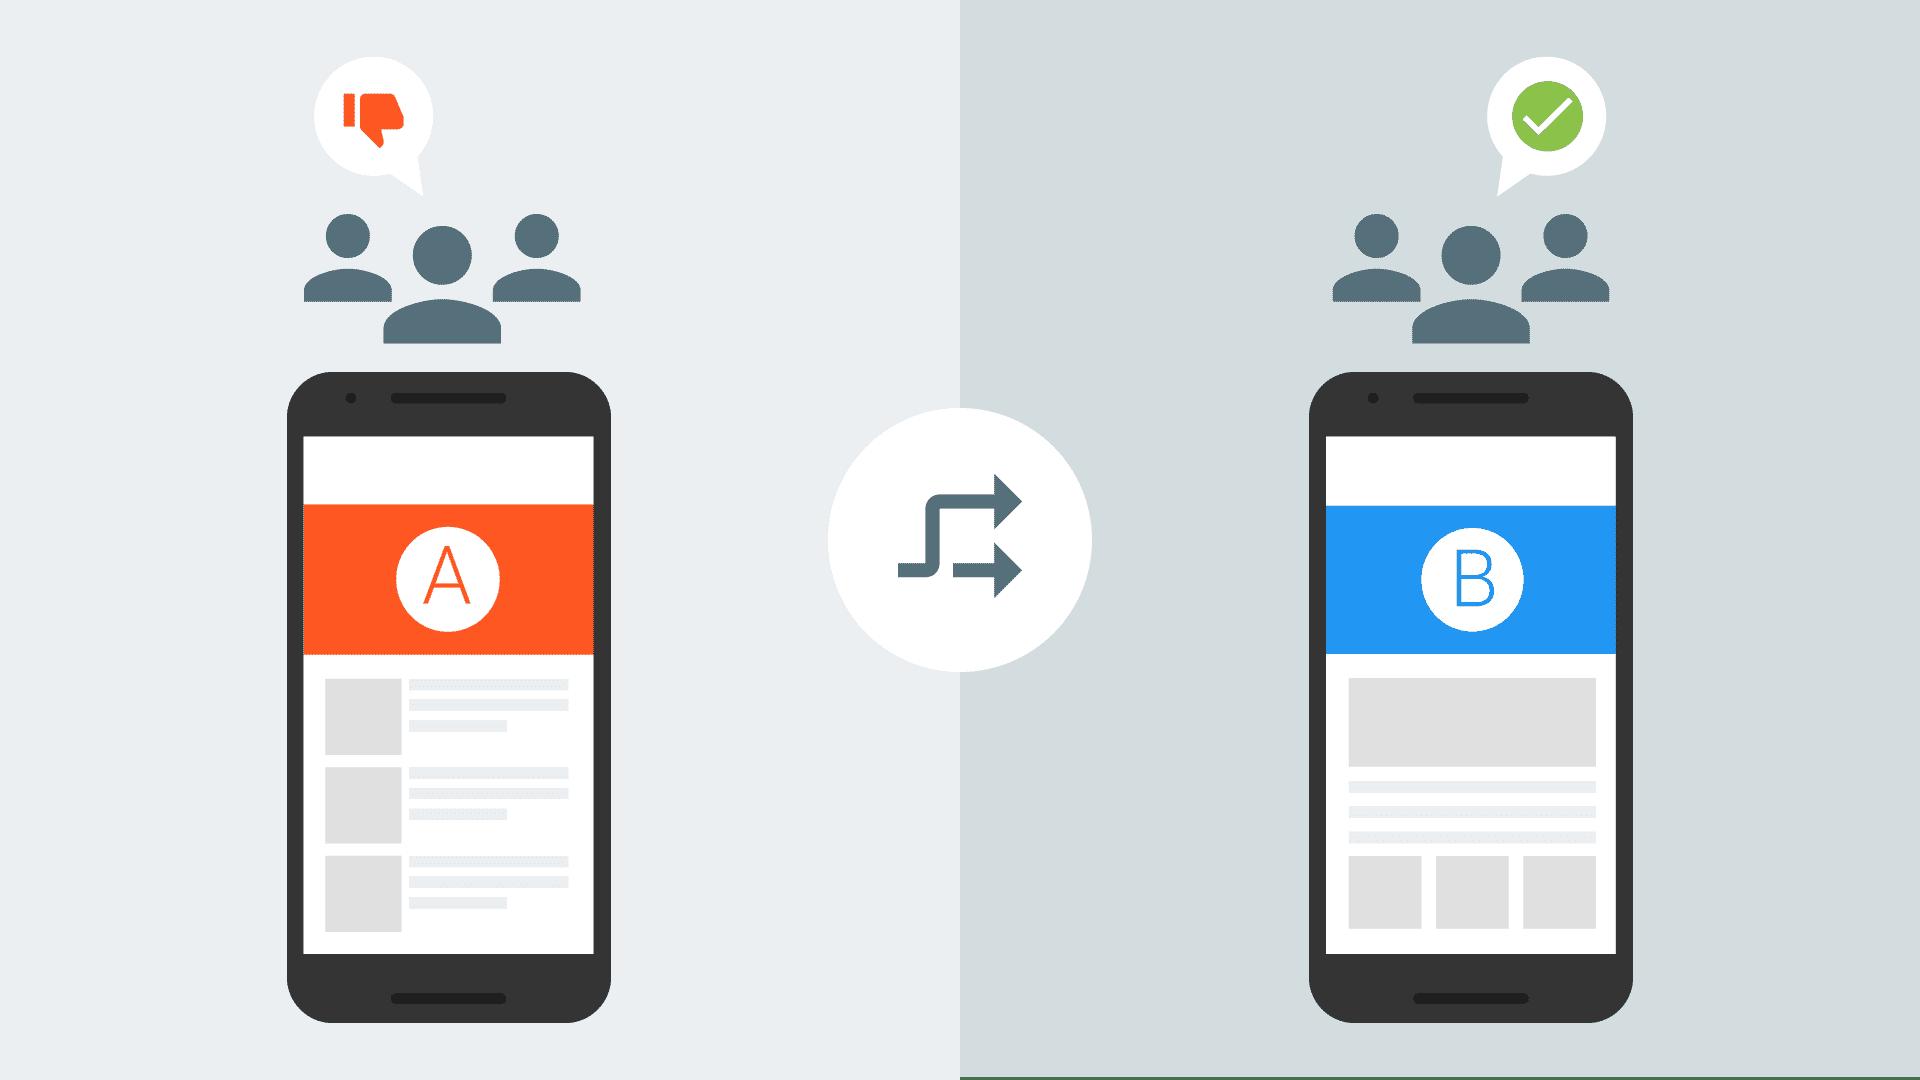 अलग-अलग दर्शकों के लिए अलग-अलग सामग्री वाला फोन